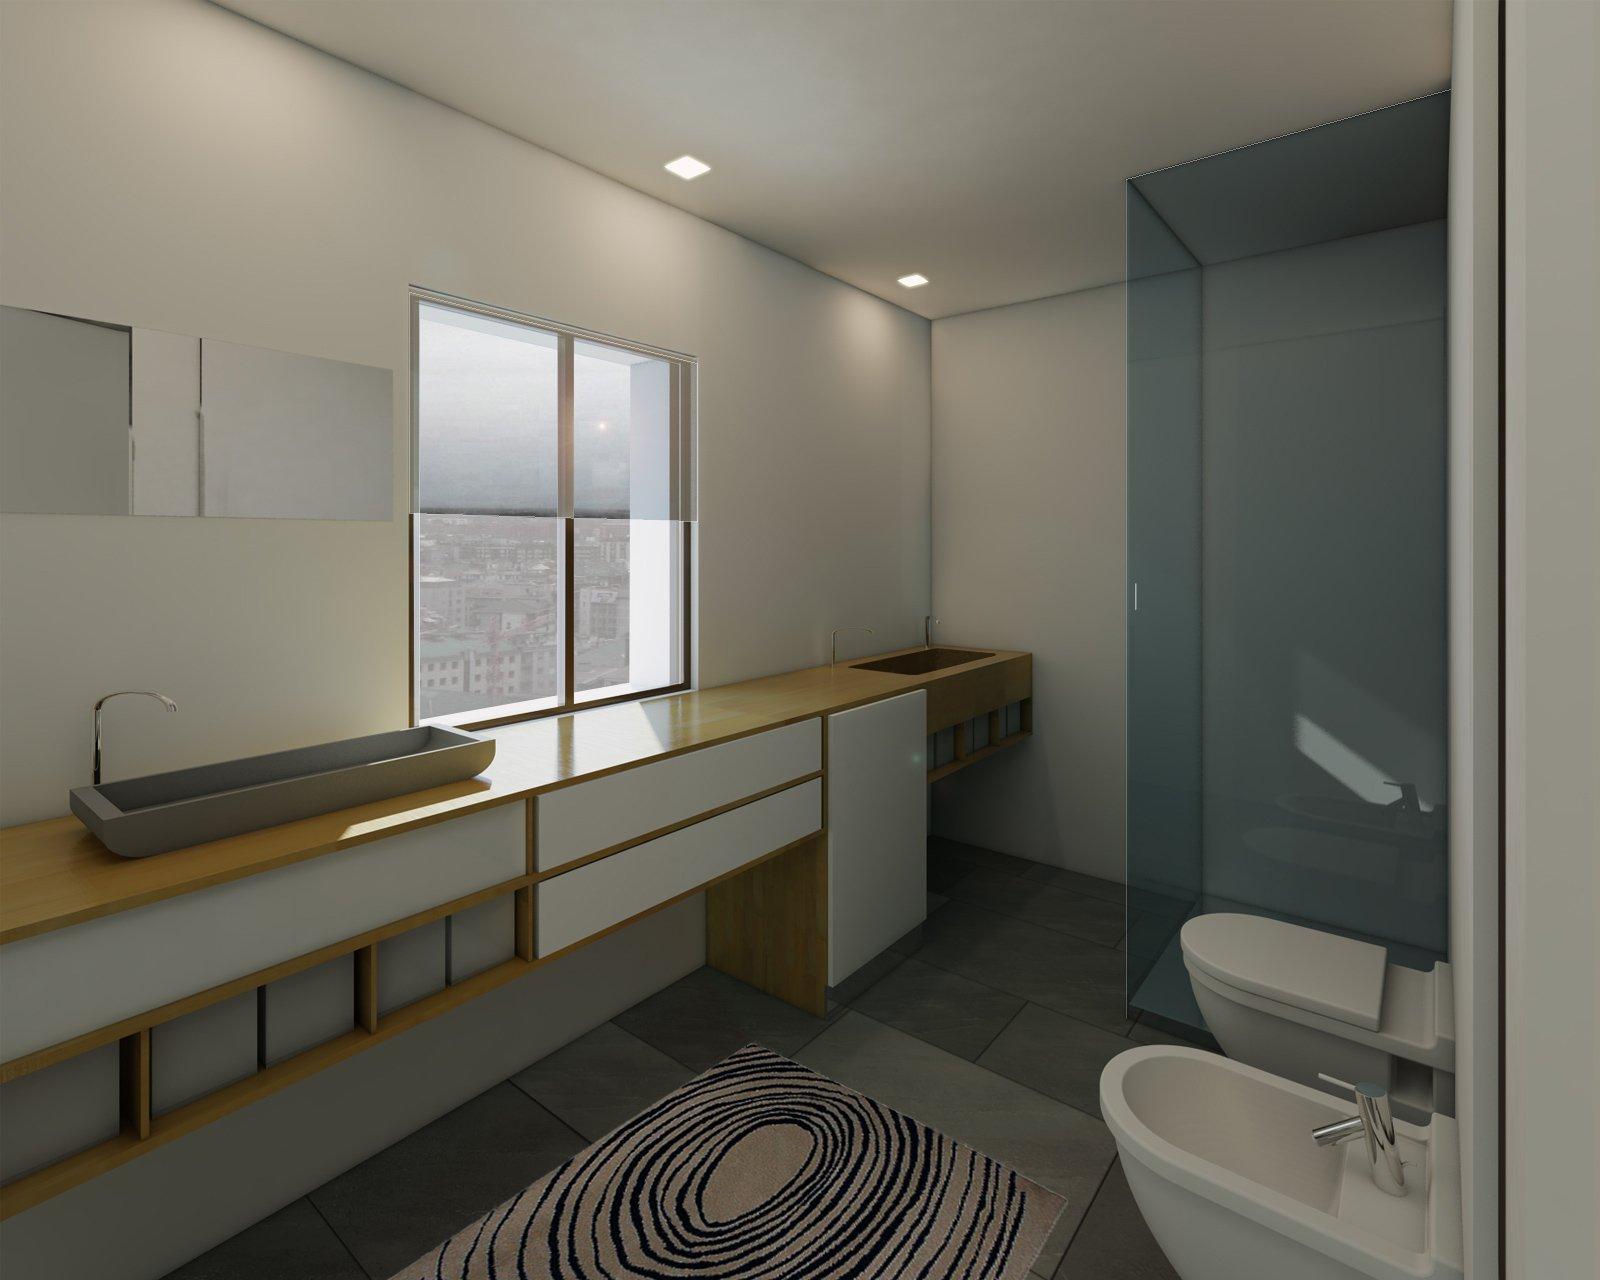 Bagno con zona lavanderia nascosta cose di casa - Mobile bagno con lavatrice incassata ...